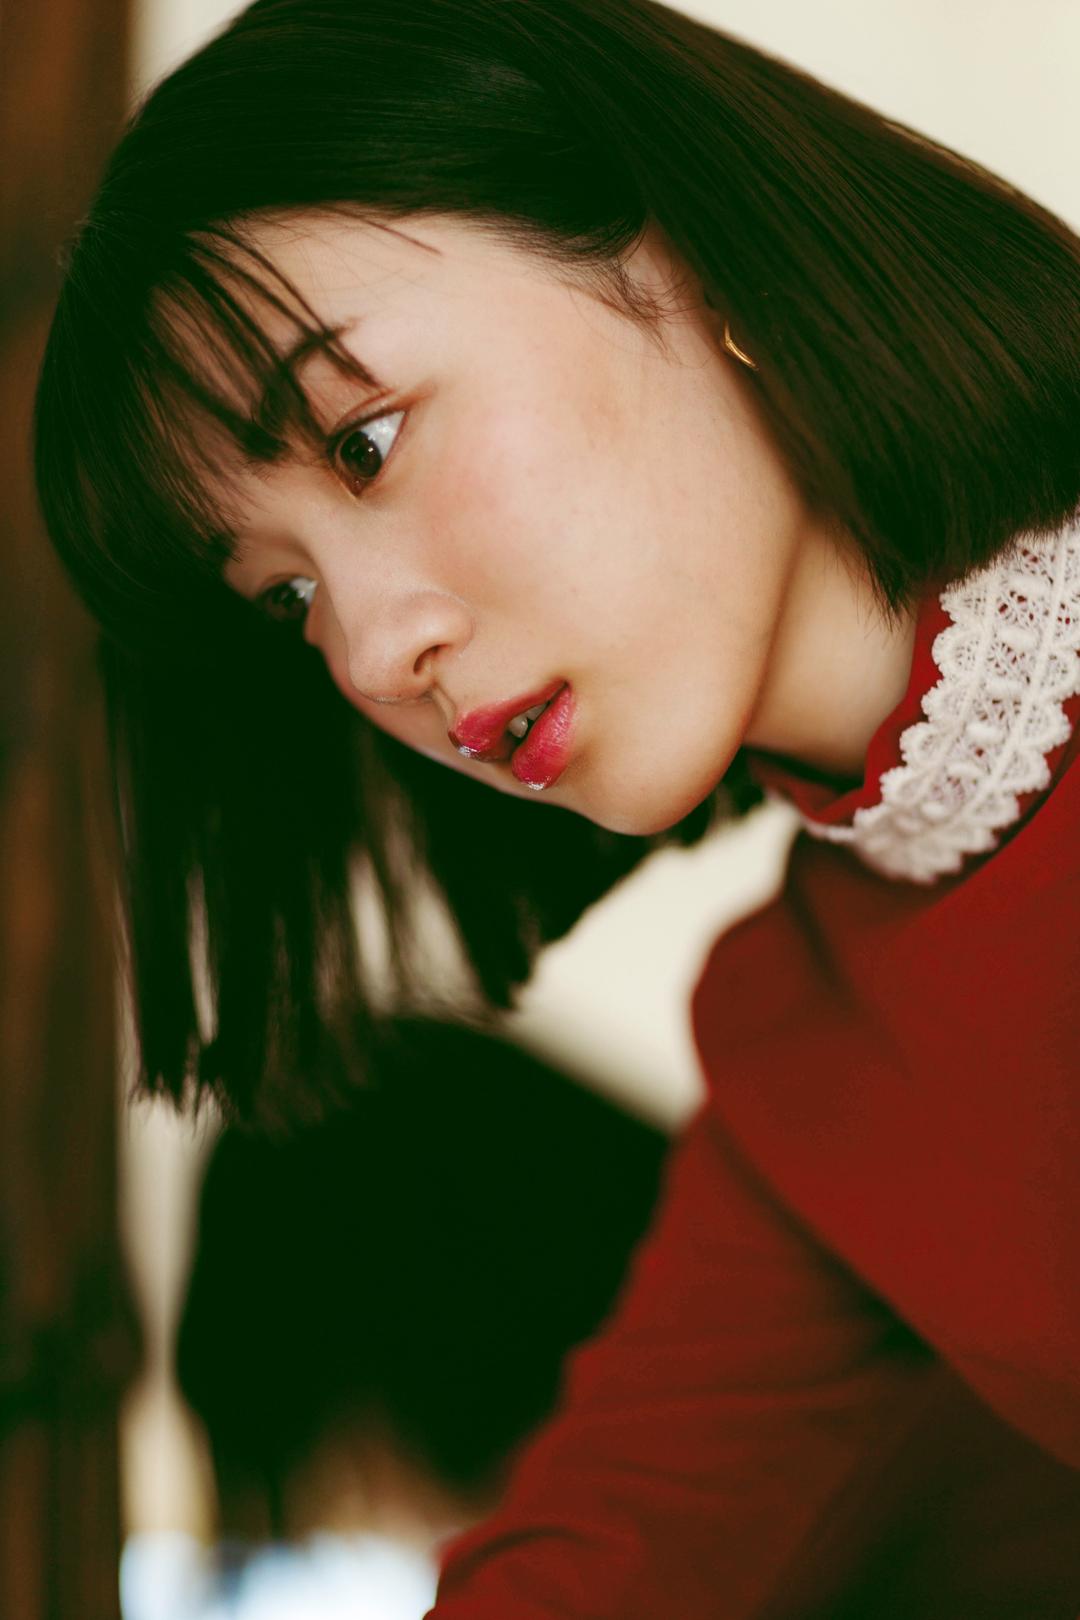 永野芽郁連載 アプリ限定photo 裏バナシ St Channel Seventeen 公式アプリ 2021 モデル 写真 女性有名人 髪型 前髪